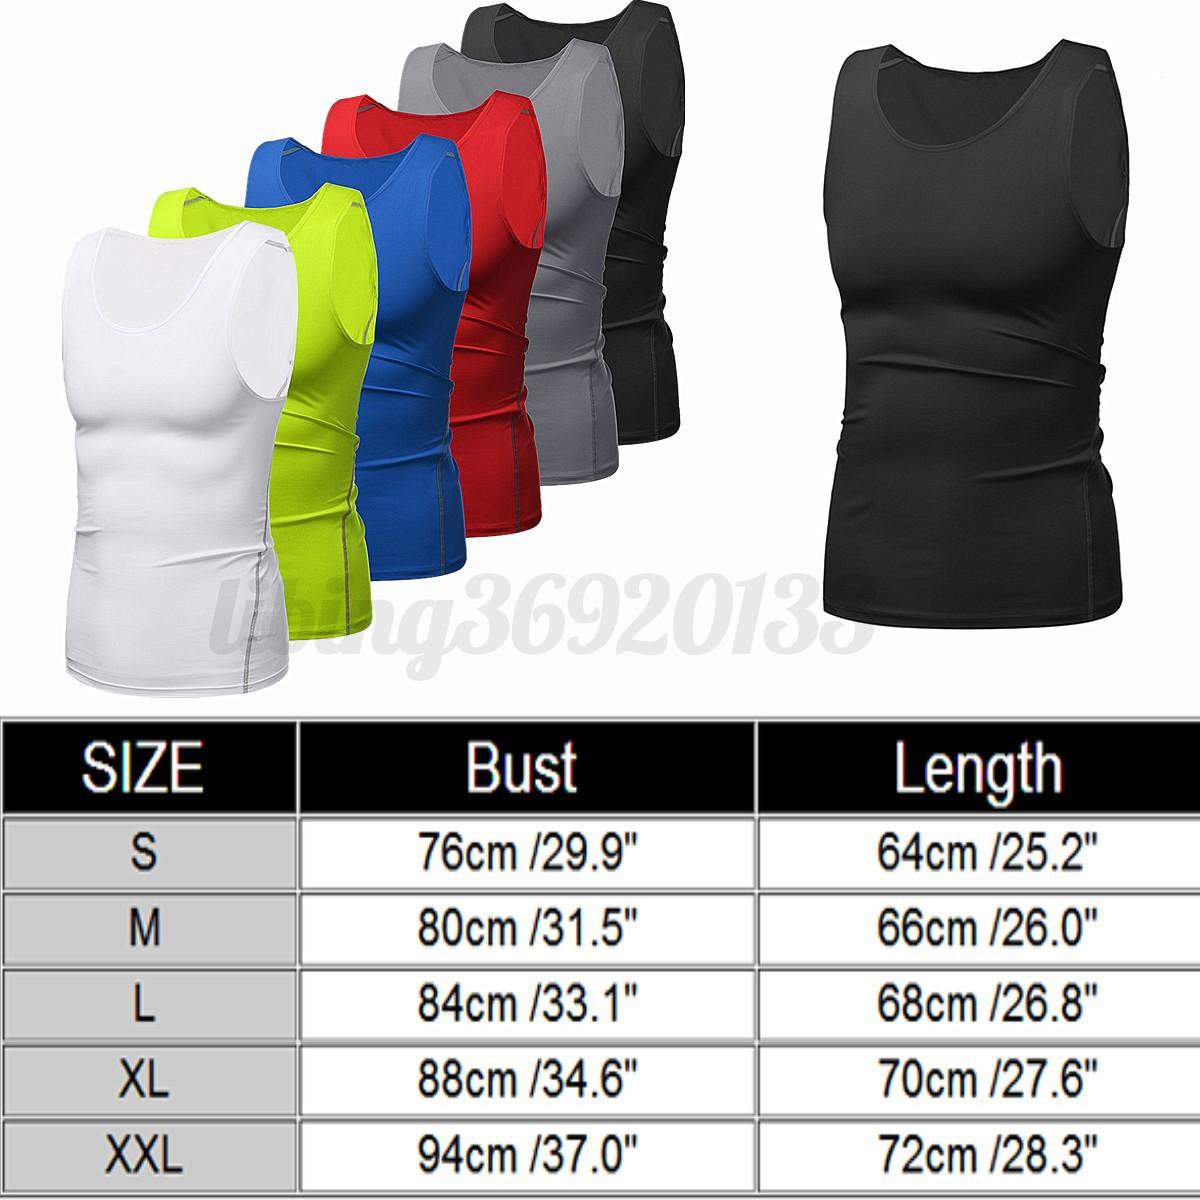 Uomo-Compressione-Camicia-termica-layer-Maglia-canotta-maniche-corte-Fitness